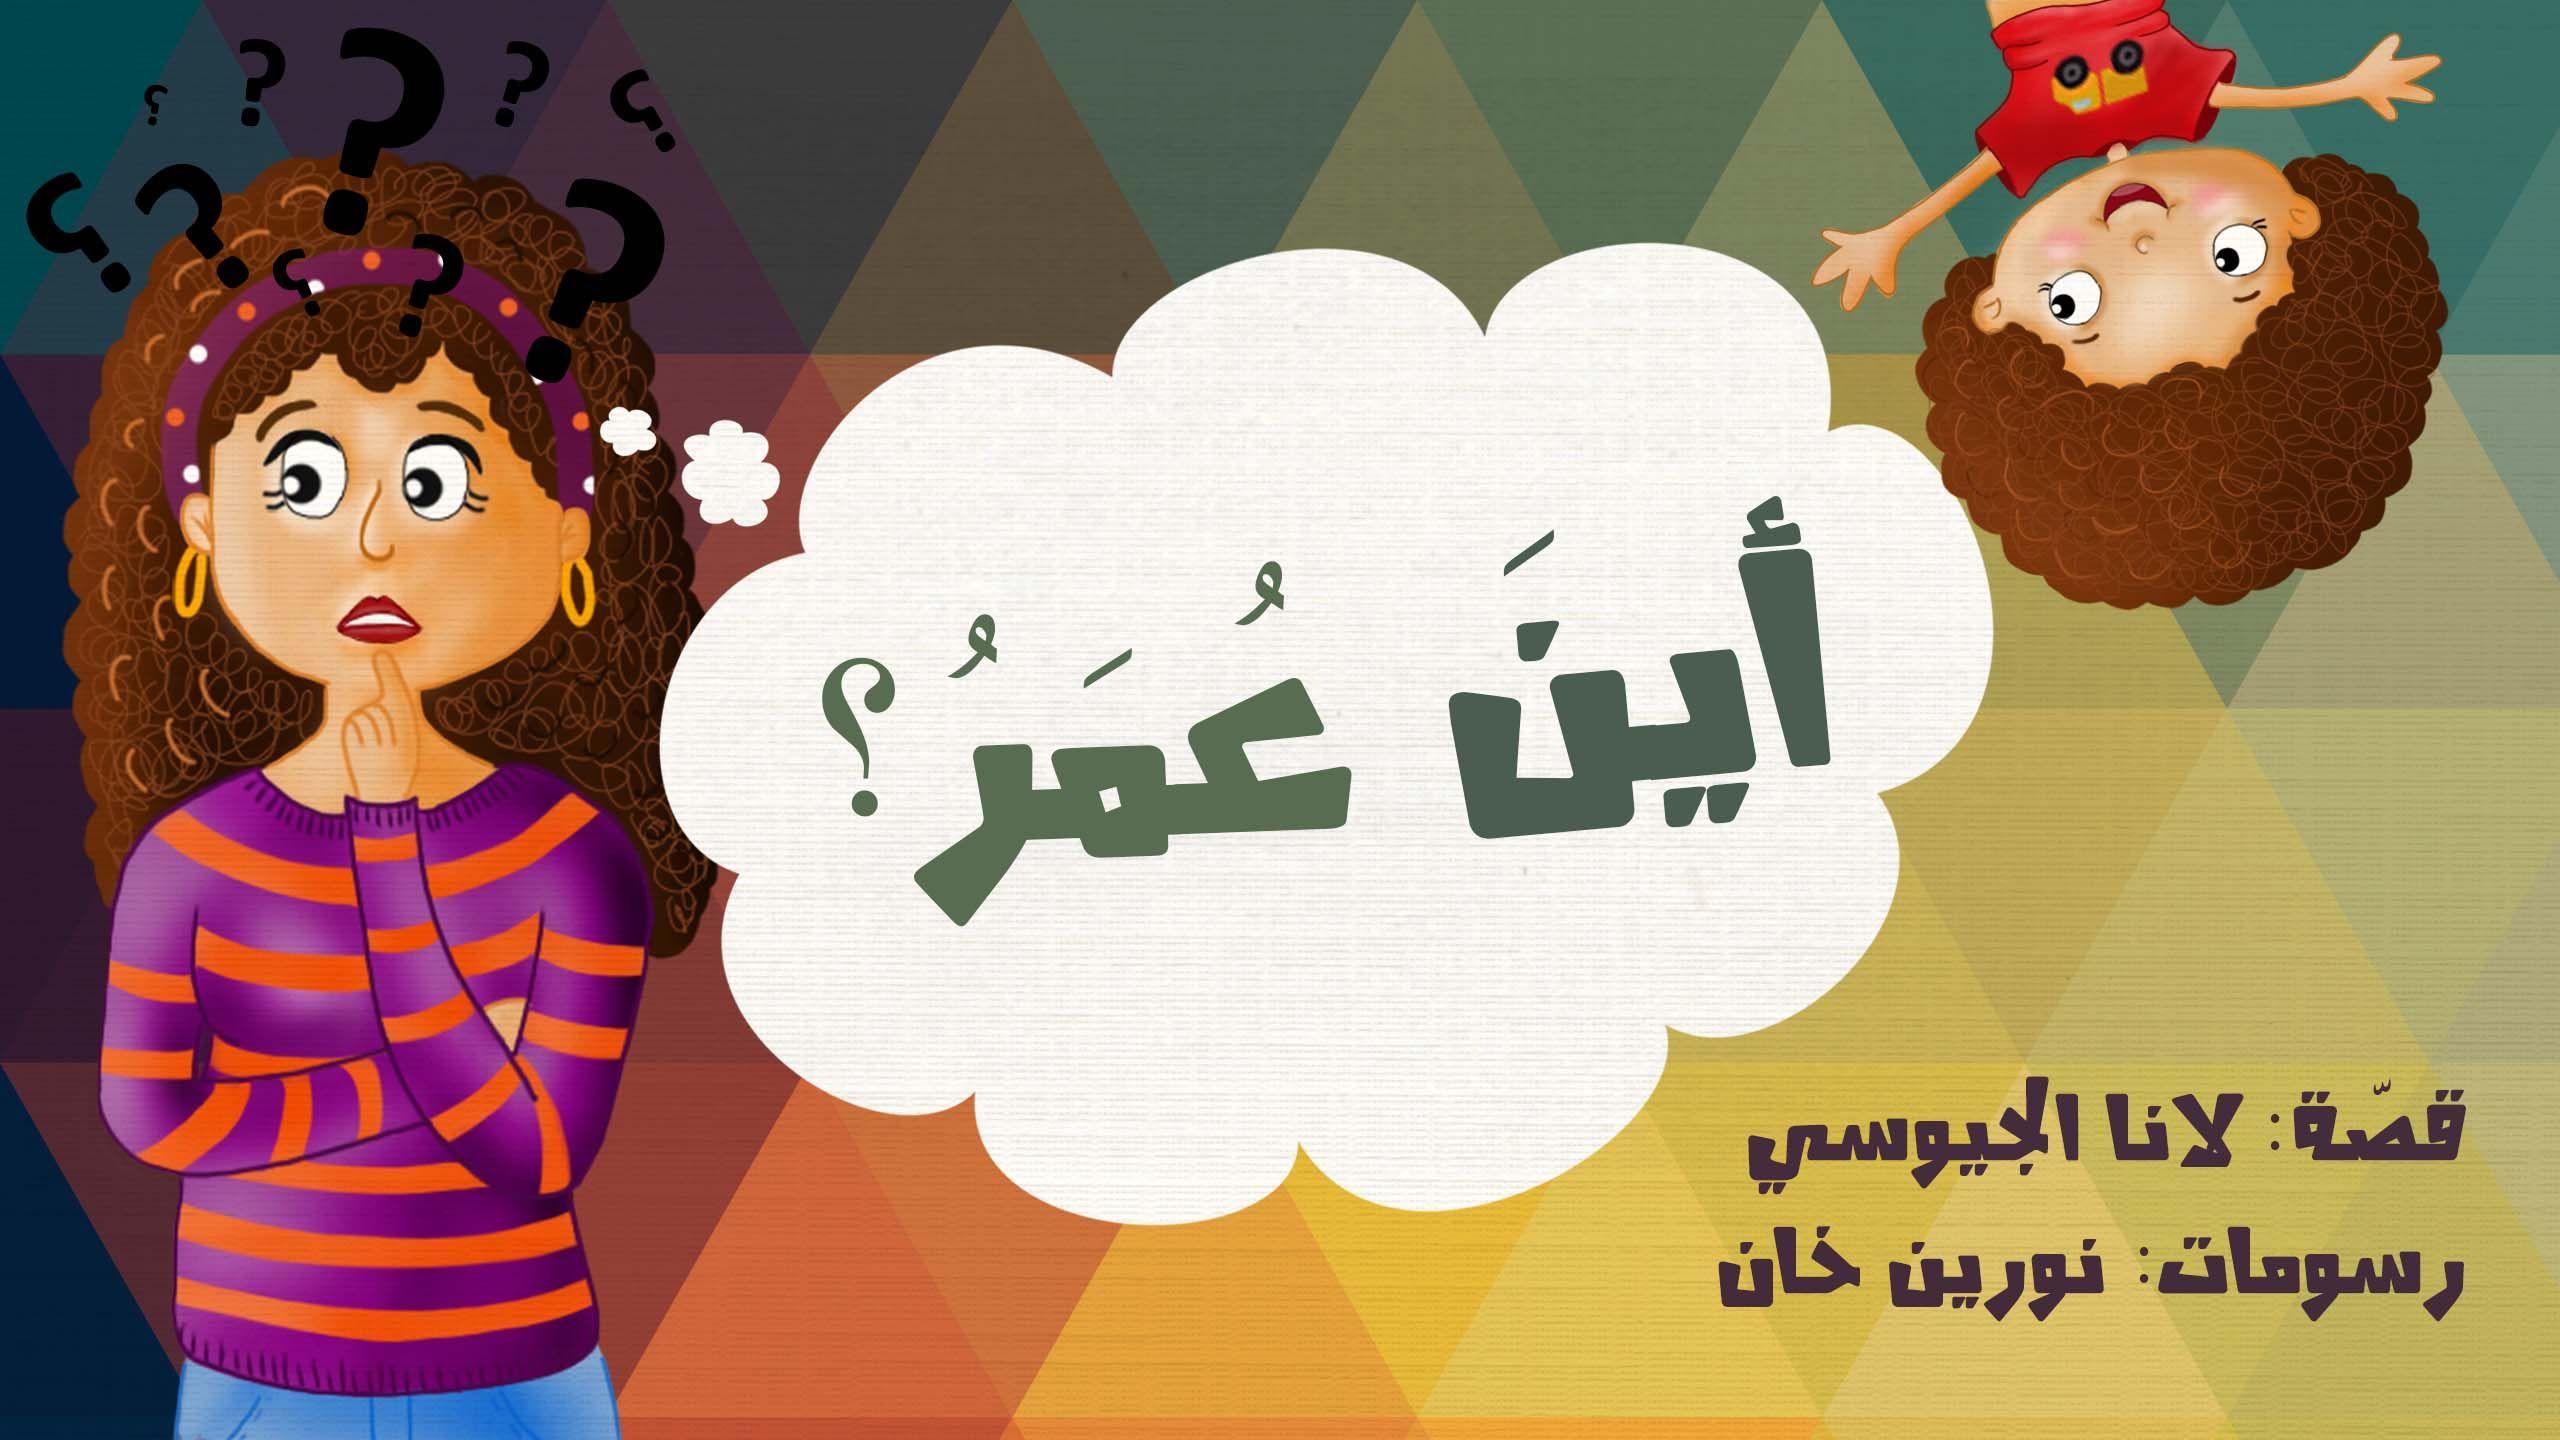 قصص أطفال قصص مصو رة قصص مقروءة ألعاب و أنشطه تعليمية عربيه للأطفال Babies Stories Learning Arabic Easter Activities